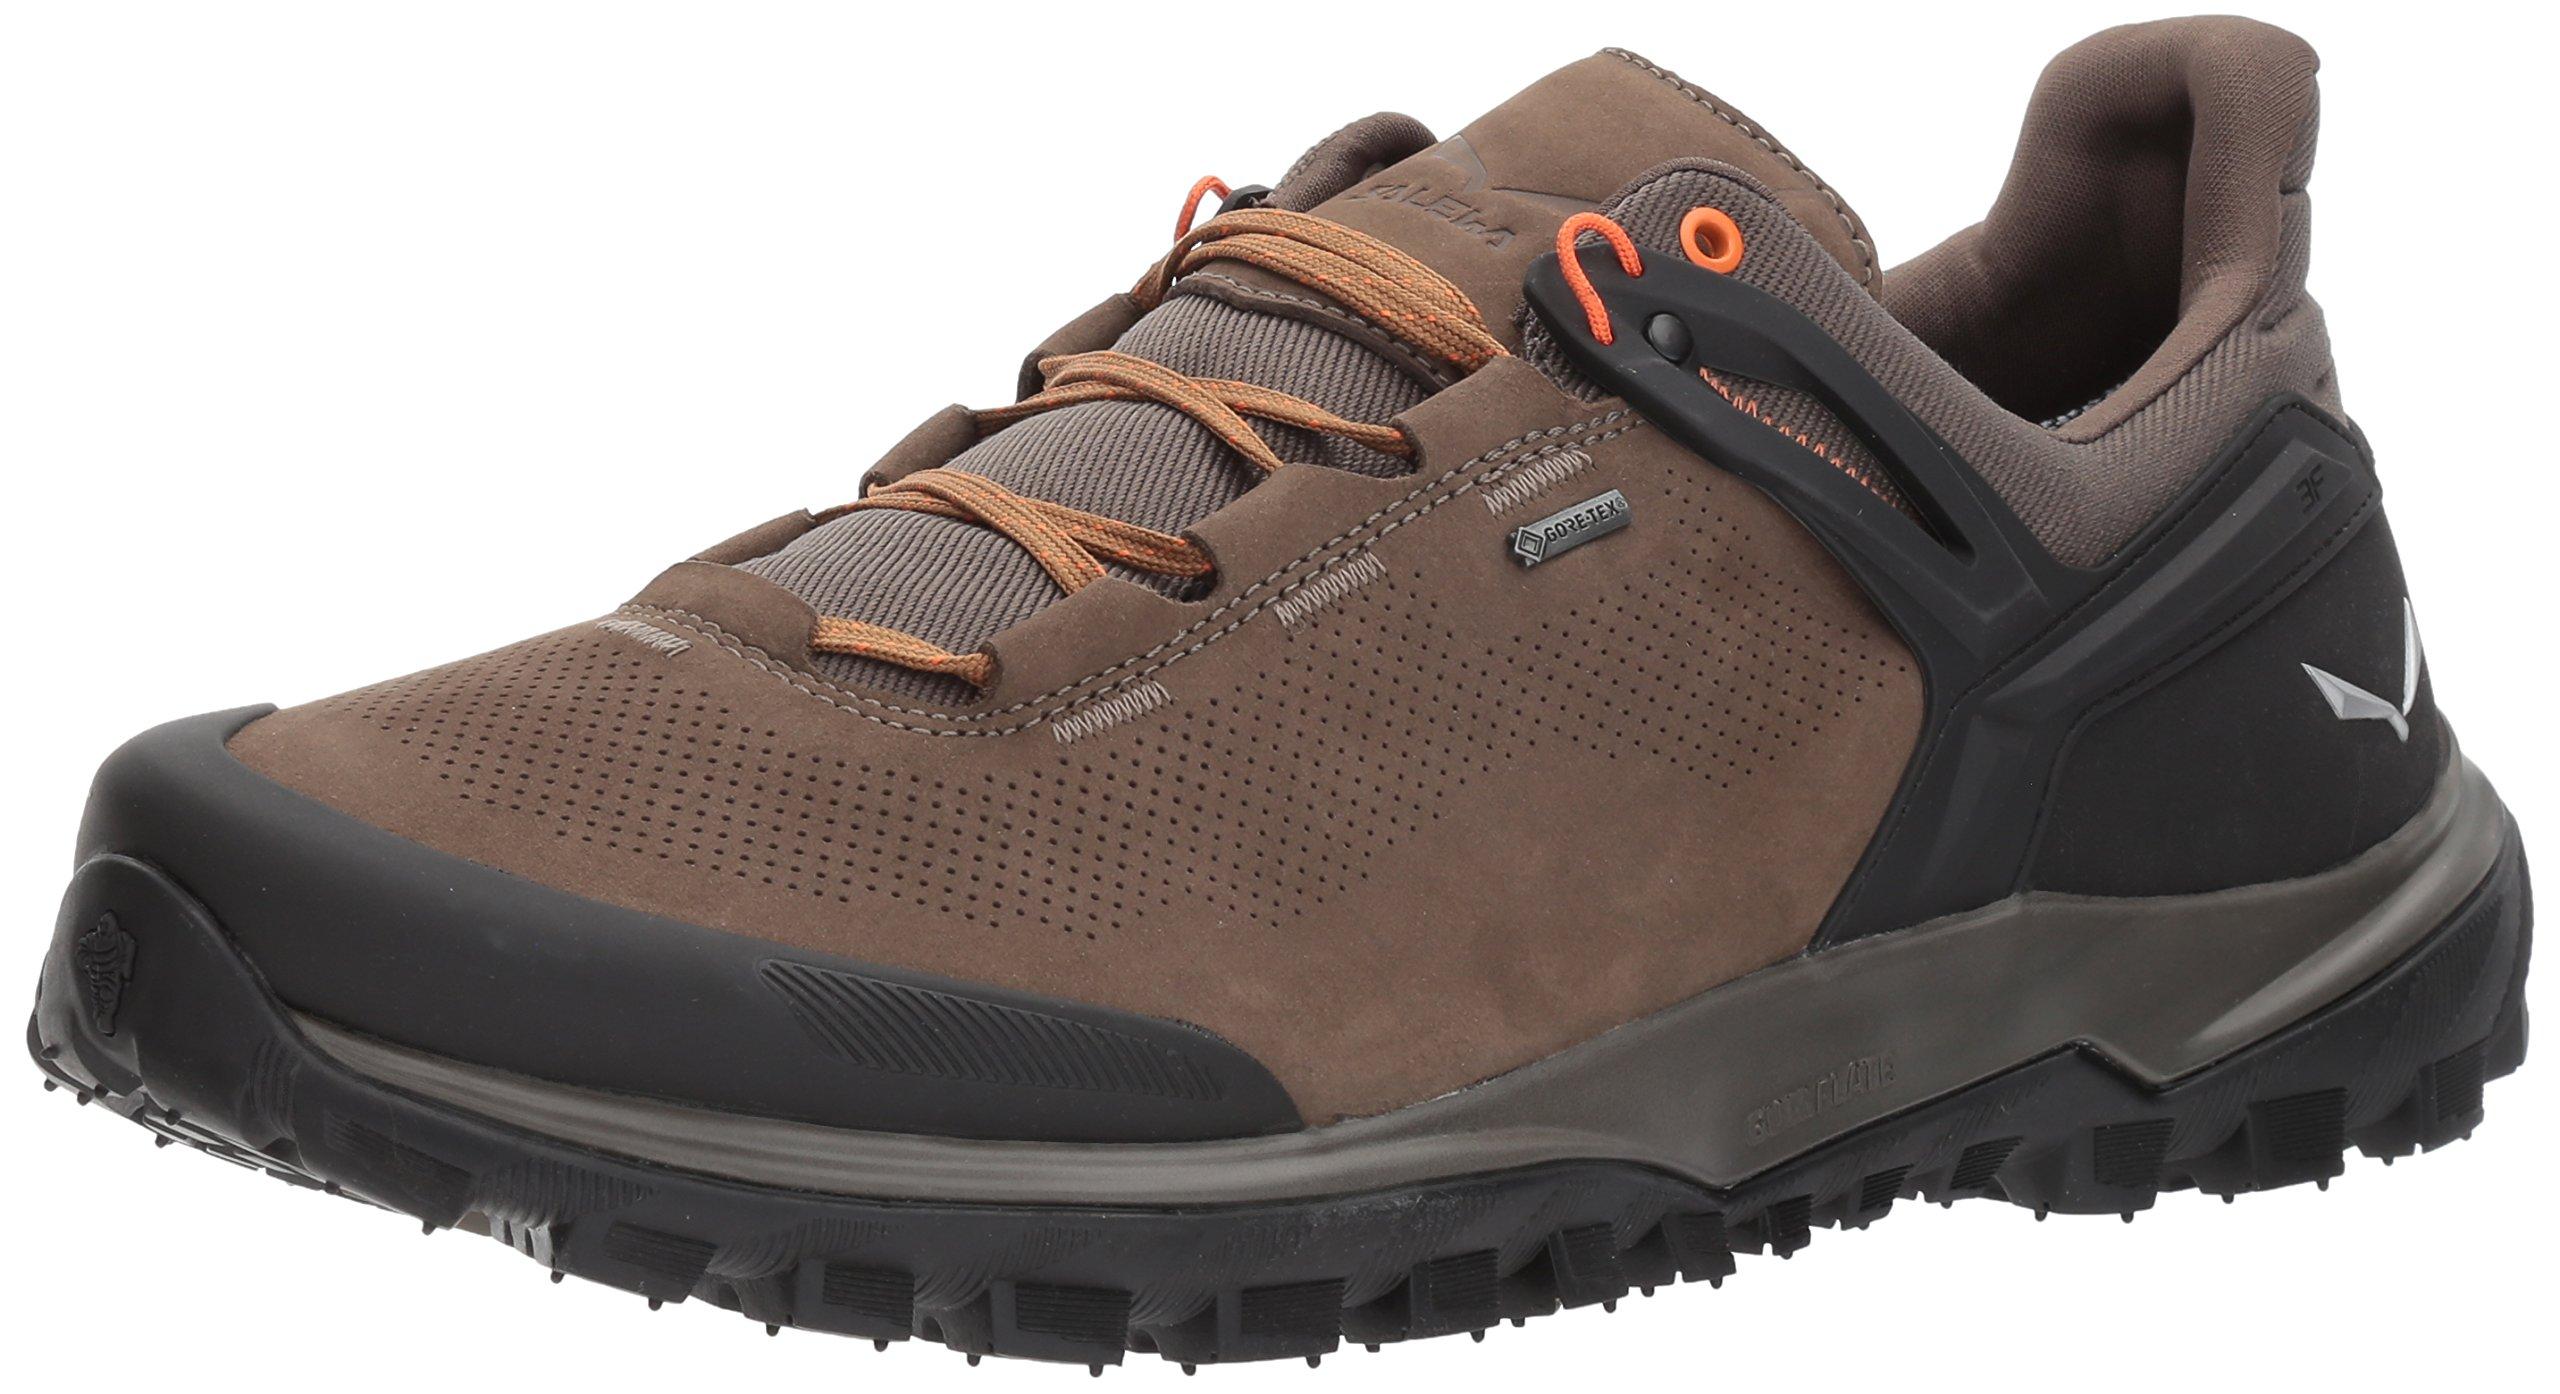 Salewa Men's Wander Hiker GTX Hiking Shoe, Walnut/New Cumin, 10